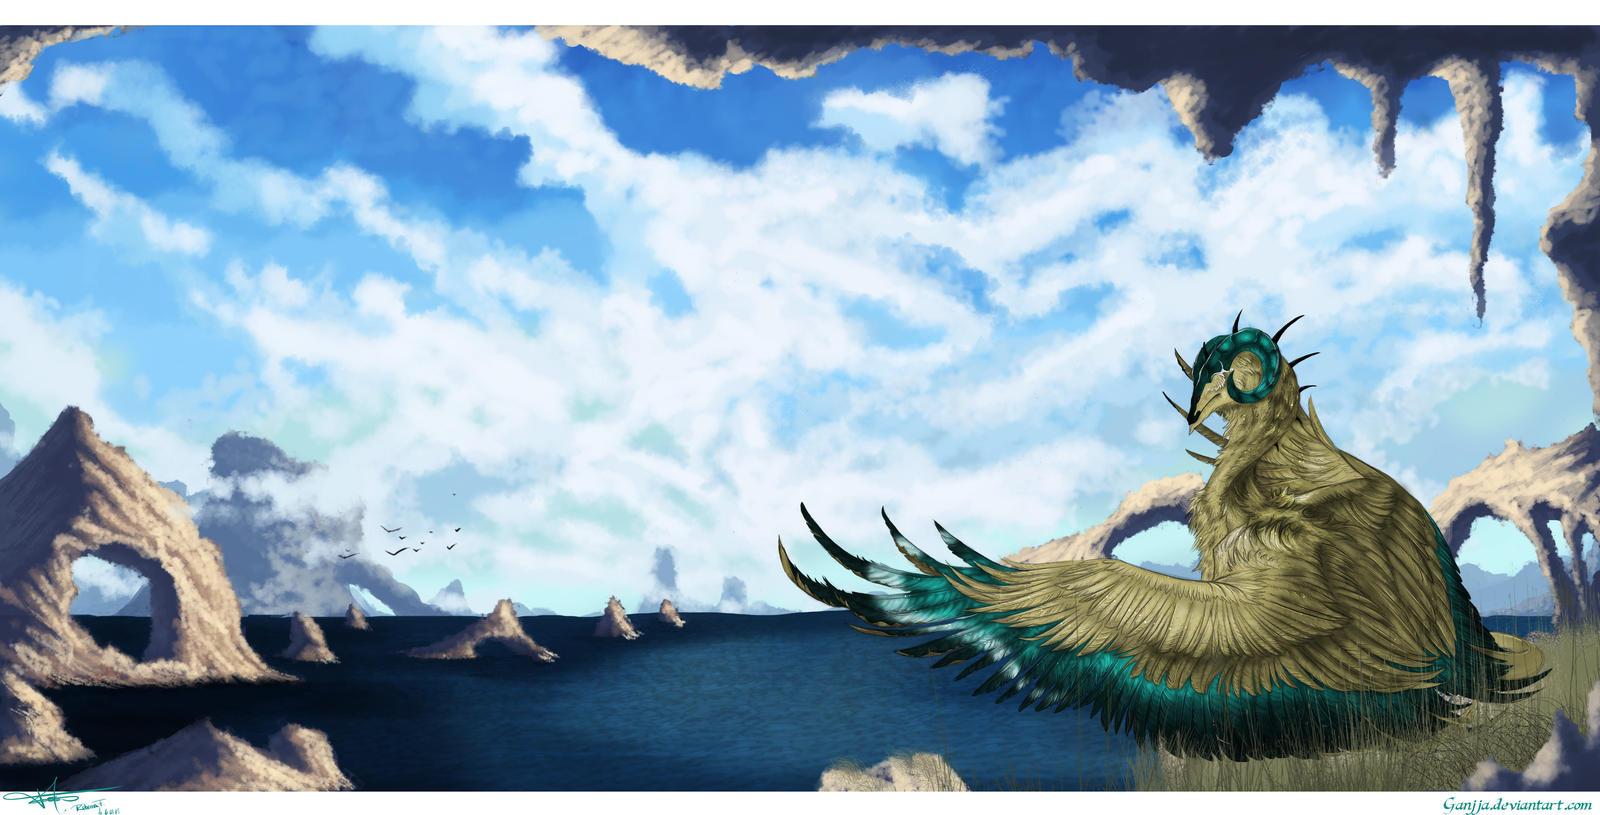 Bring me the horizon by Ganjja